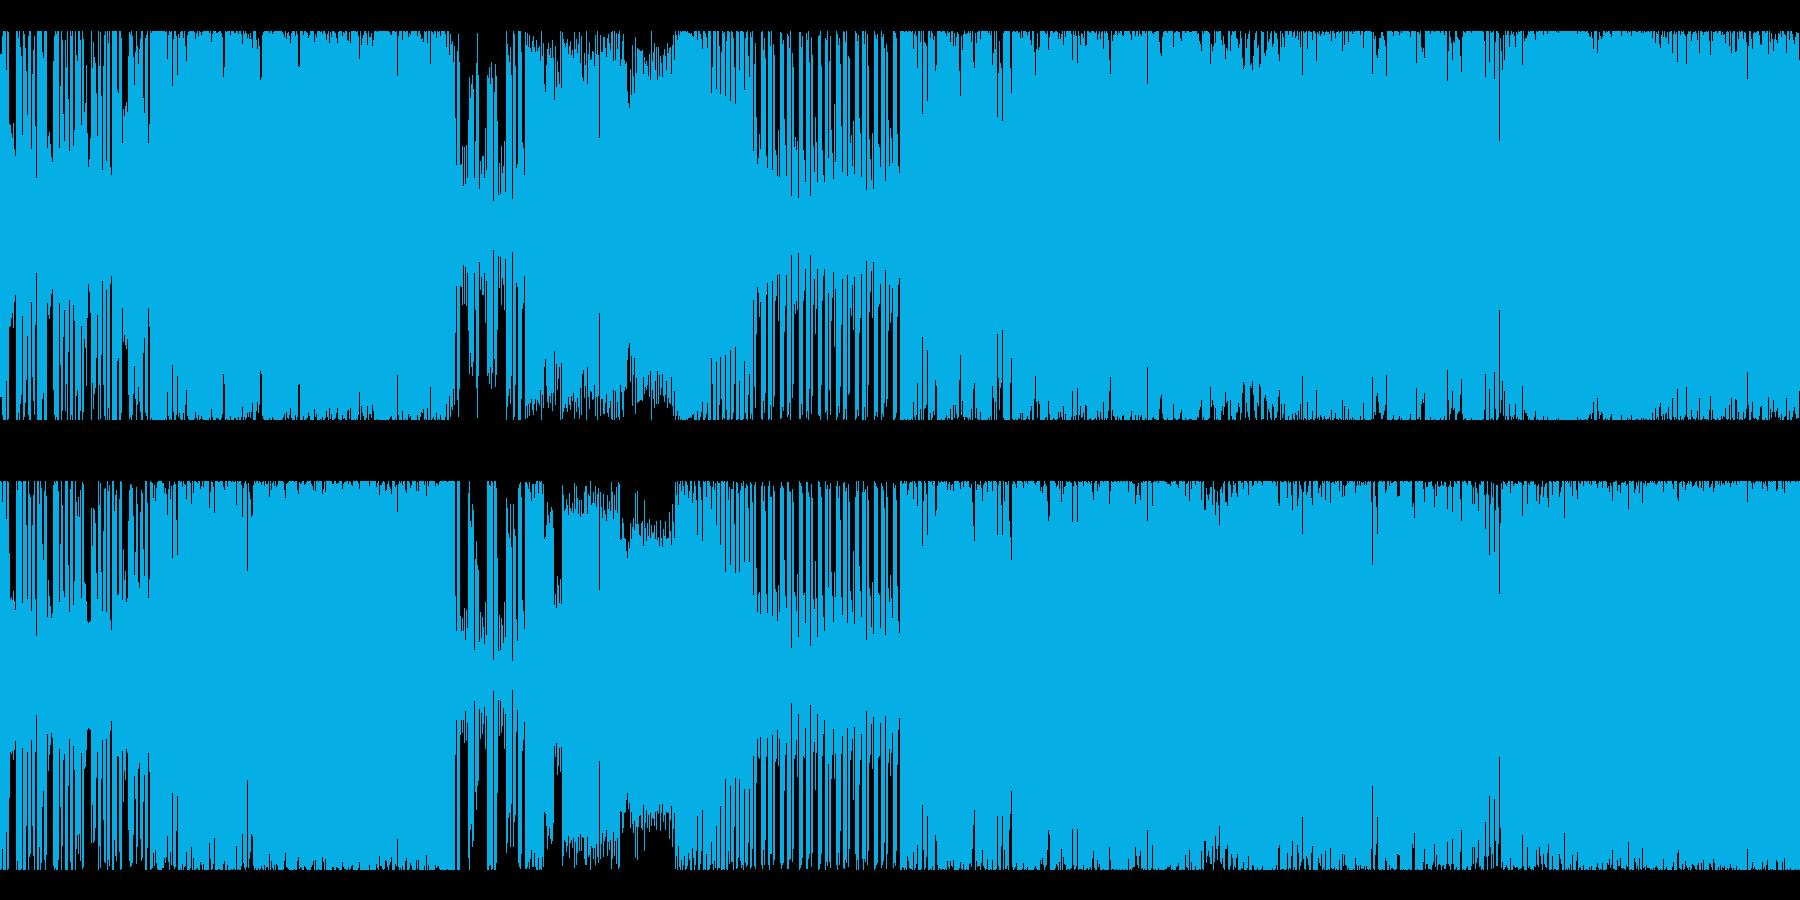 【ループ仕様】三味線×エレクトロサウンドの再生済みの波形